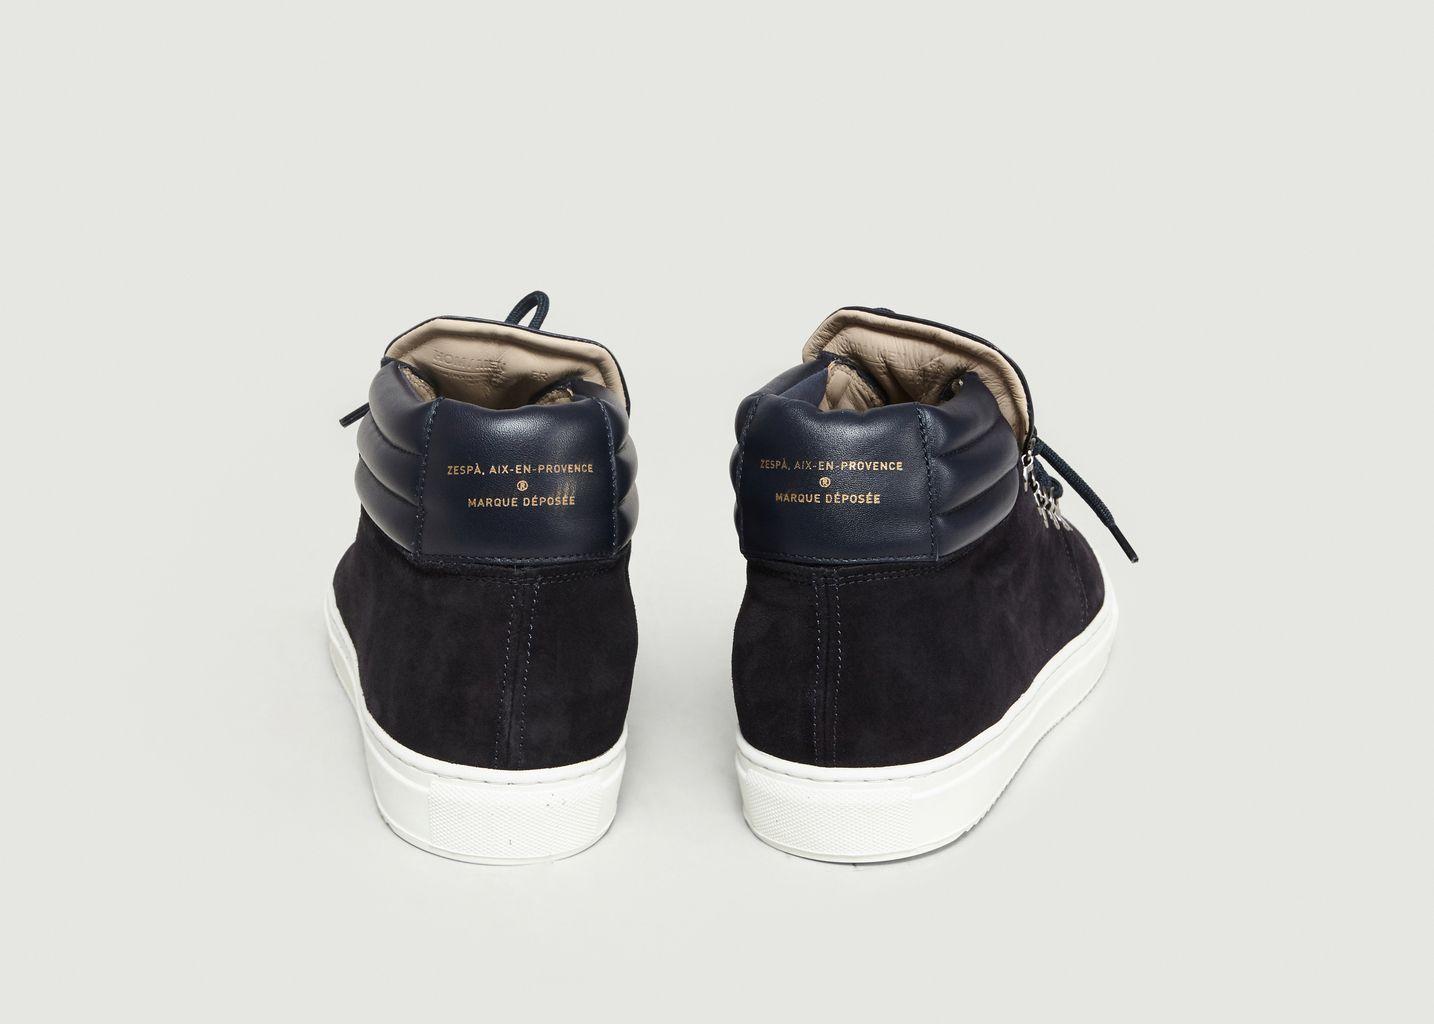 à ZSP2 Zespa 30 Soldes L Montante Suède Sneakers Bleu Marine 06EqRf